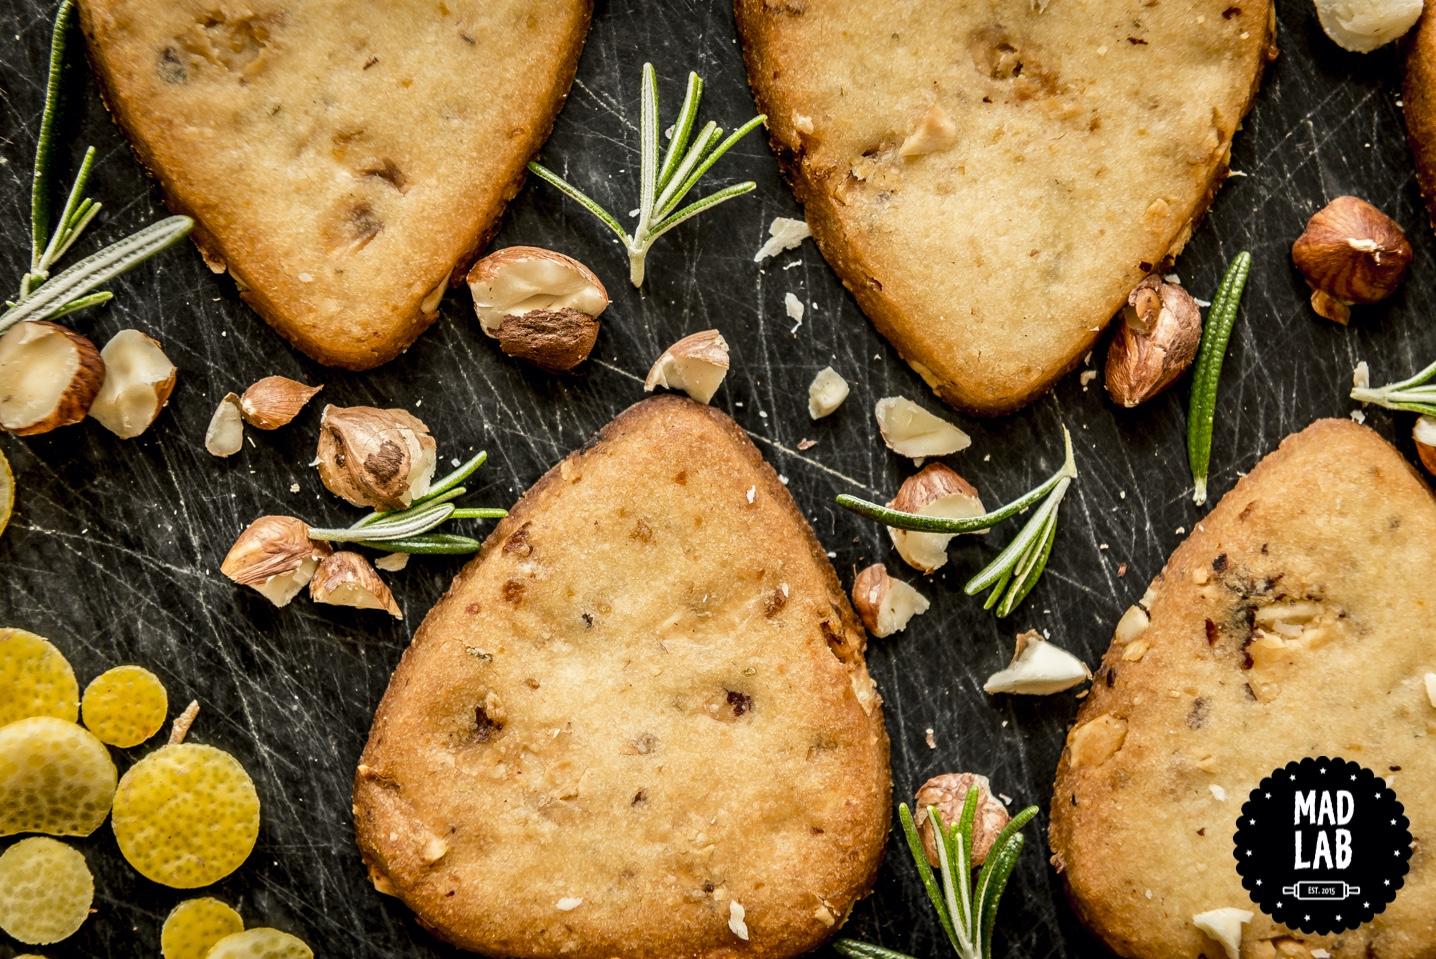 Madlab biscuit bio fait main